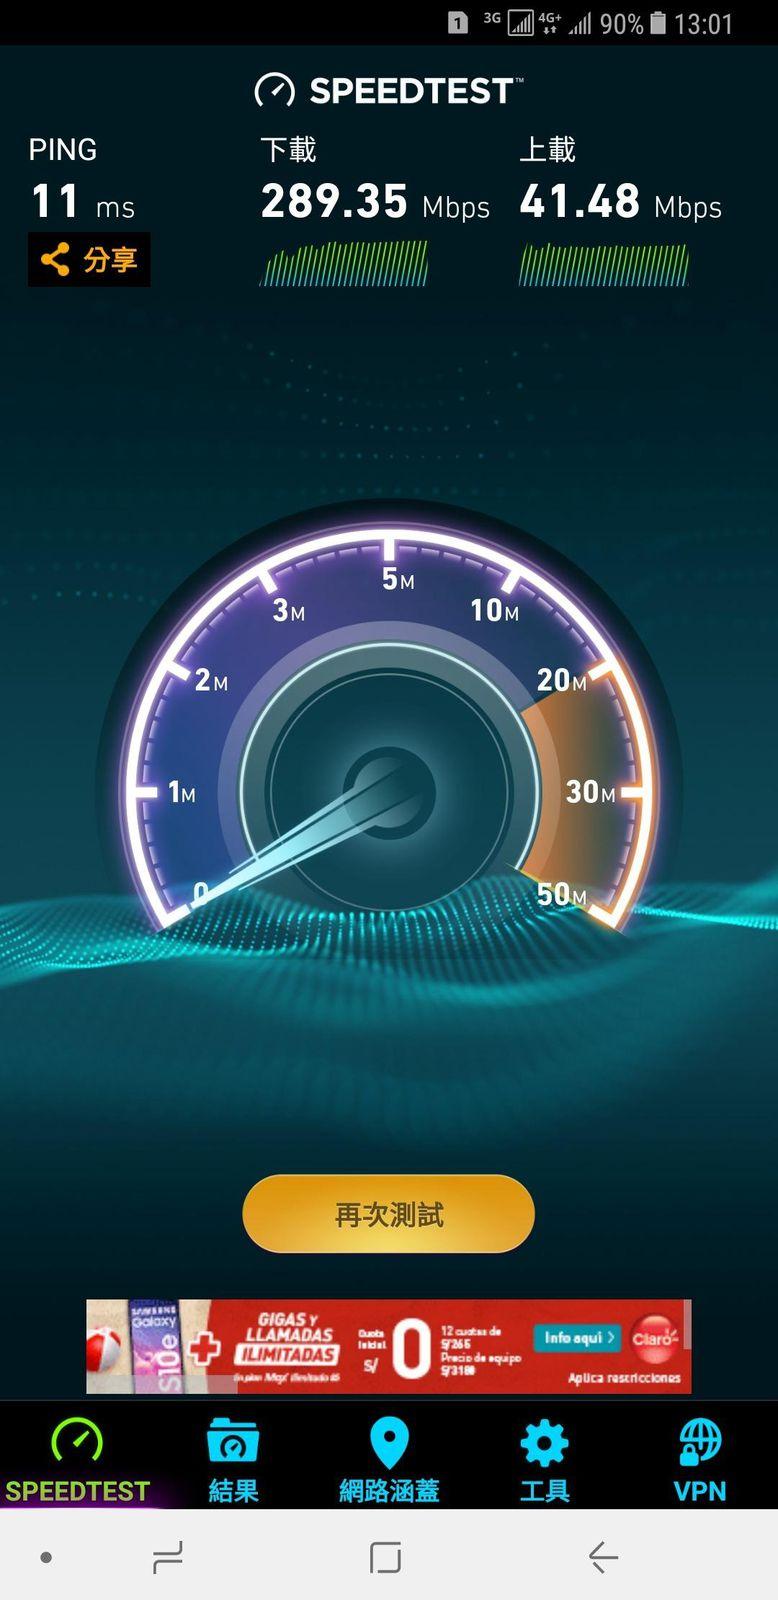 香港大學站2號月台Speedtest速度 (1).jpg